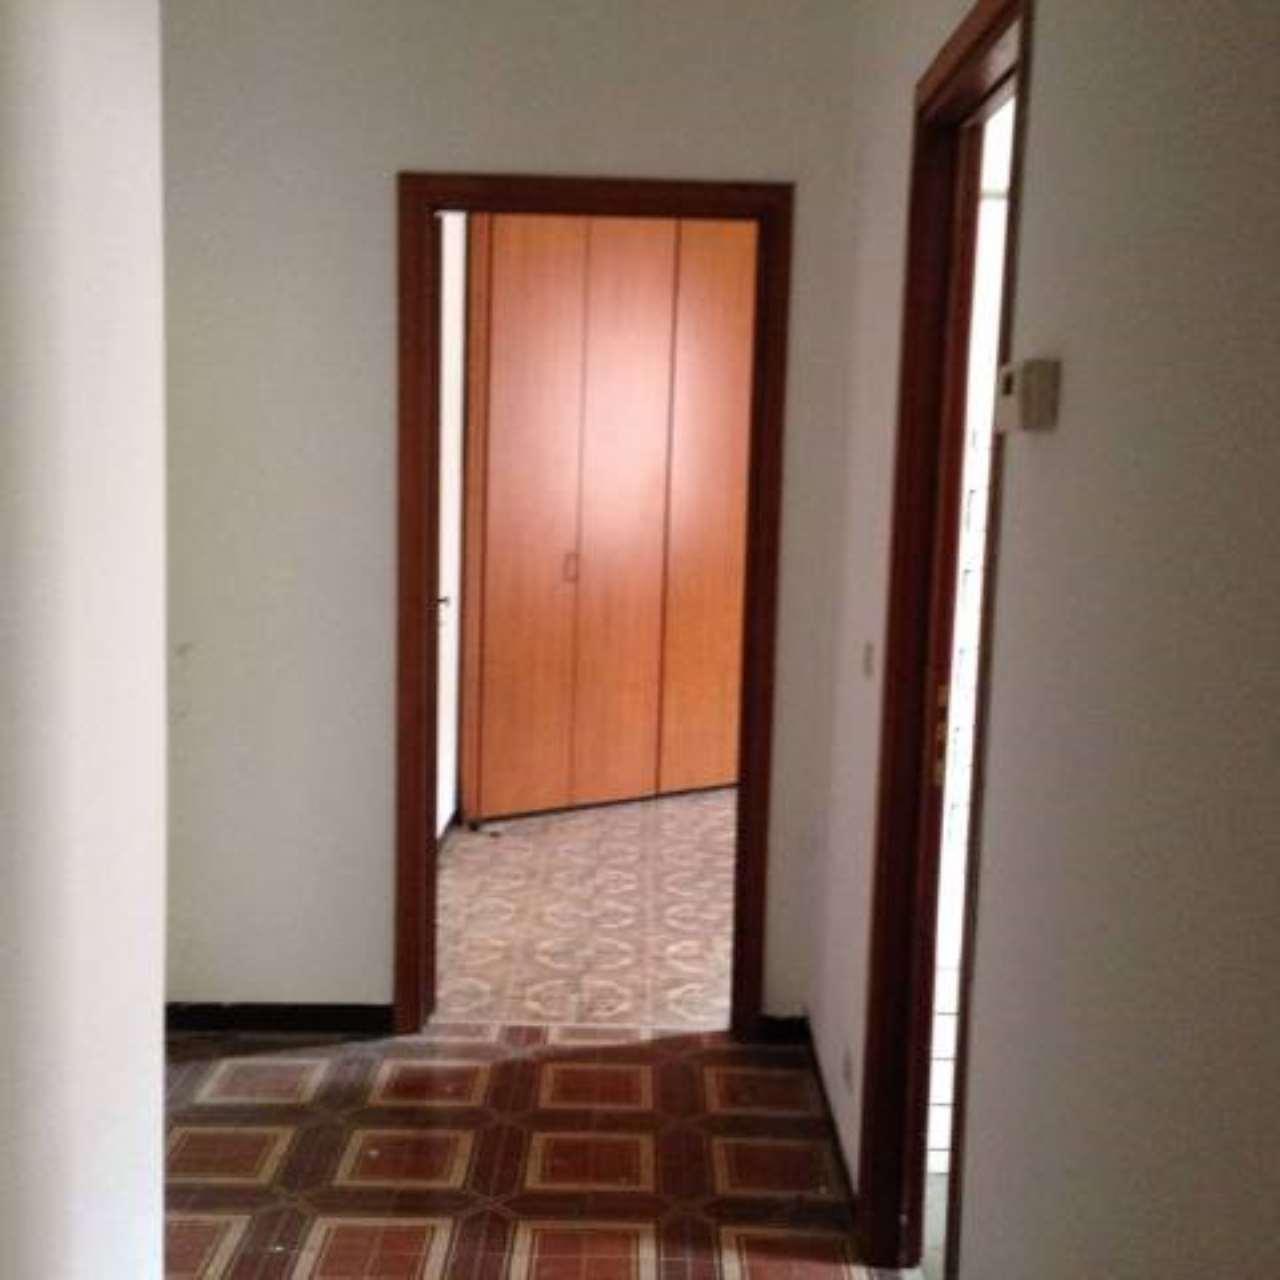 Appartamento in vendita a Gavi, 2 locali, prezzo € 50.000 | CambioCasa.it